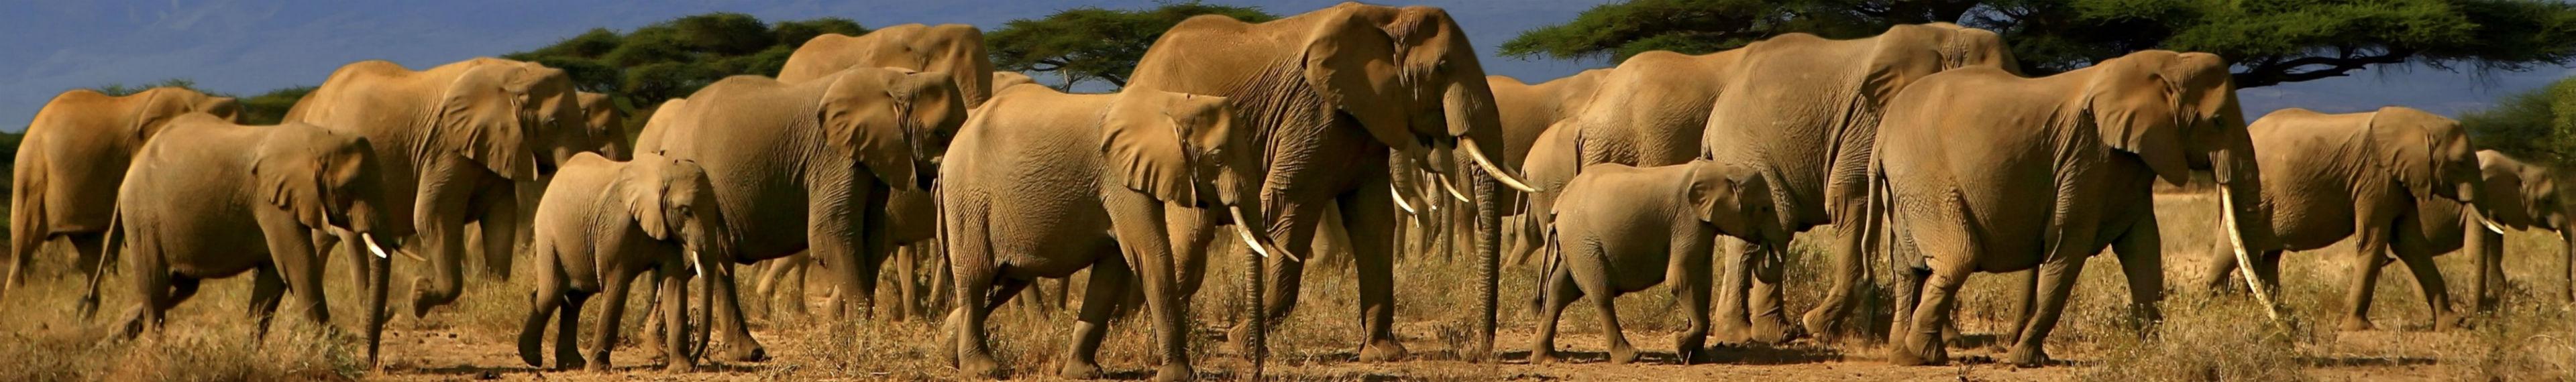 tanzania reizen tanzania safari reizen koningaapreizen naar tanzania